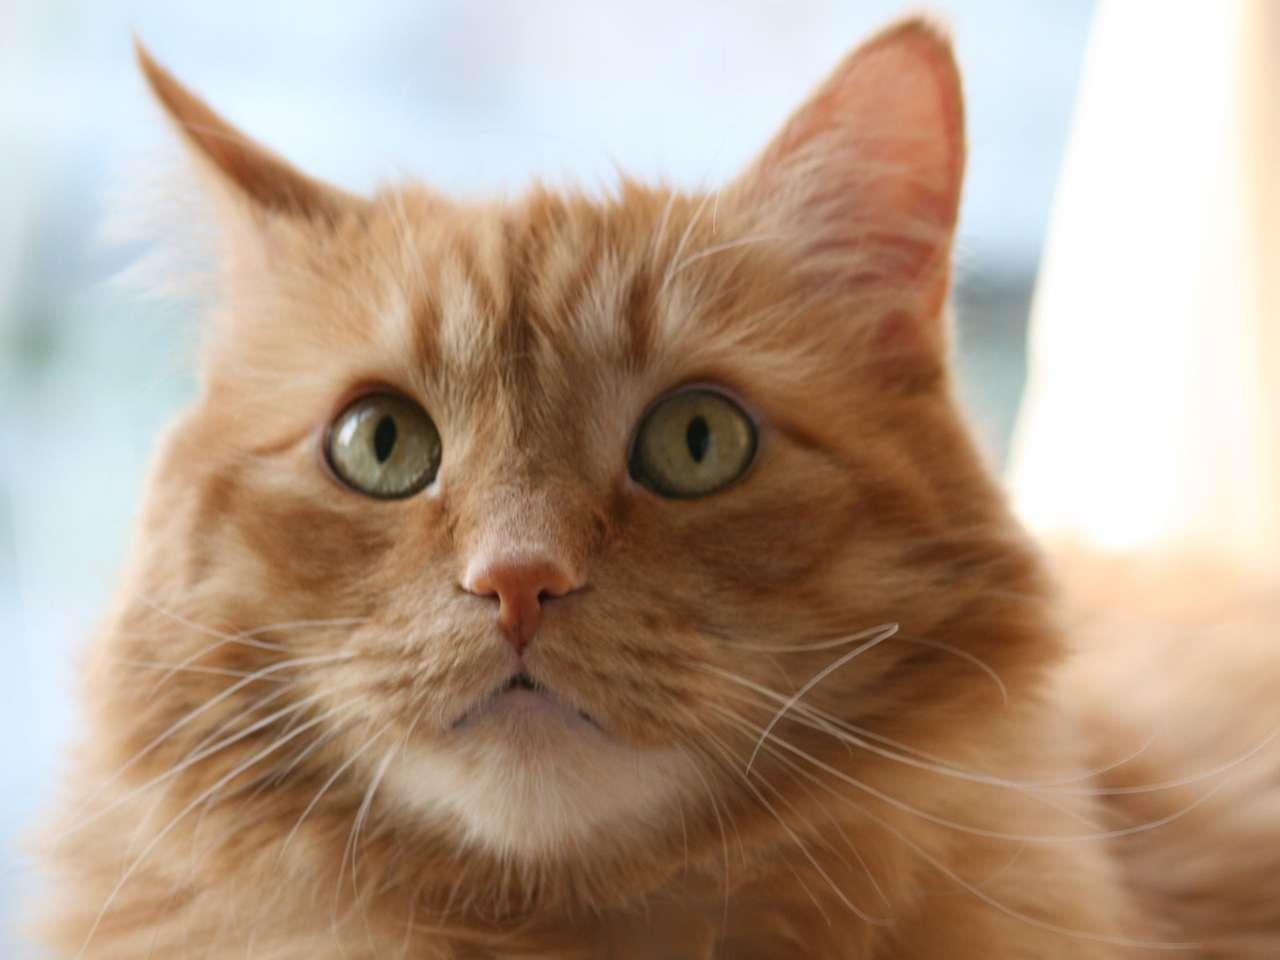 Gatto arancione - Gatto arancione con gli occhi verdi (4×3)